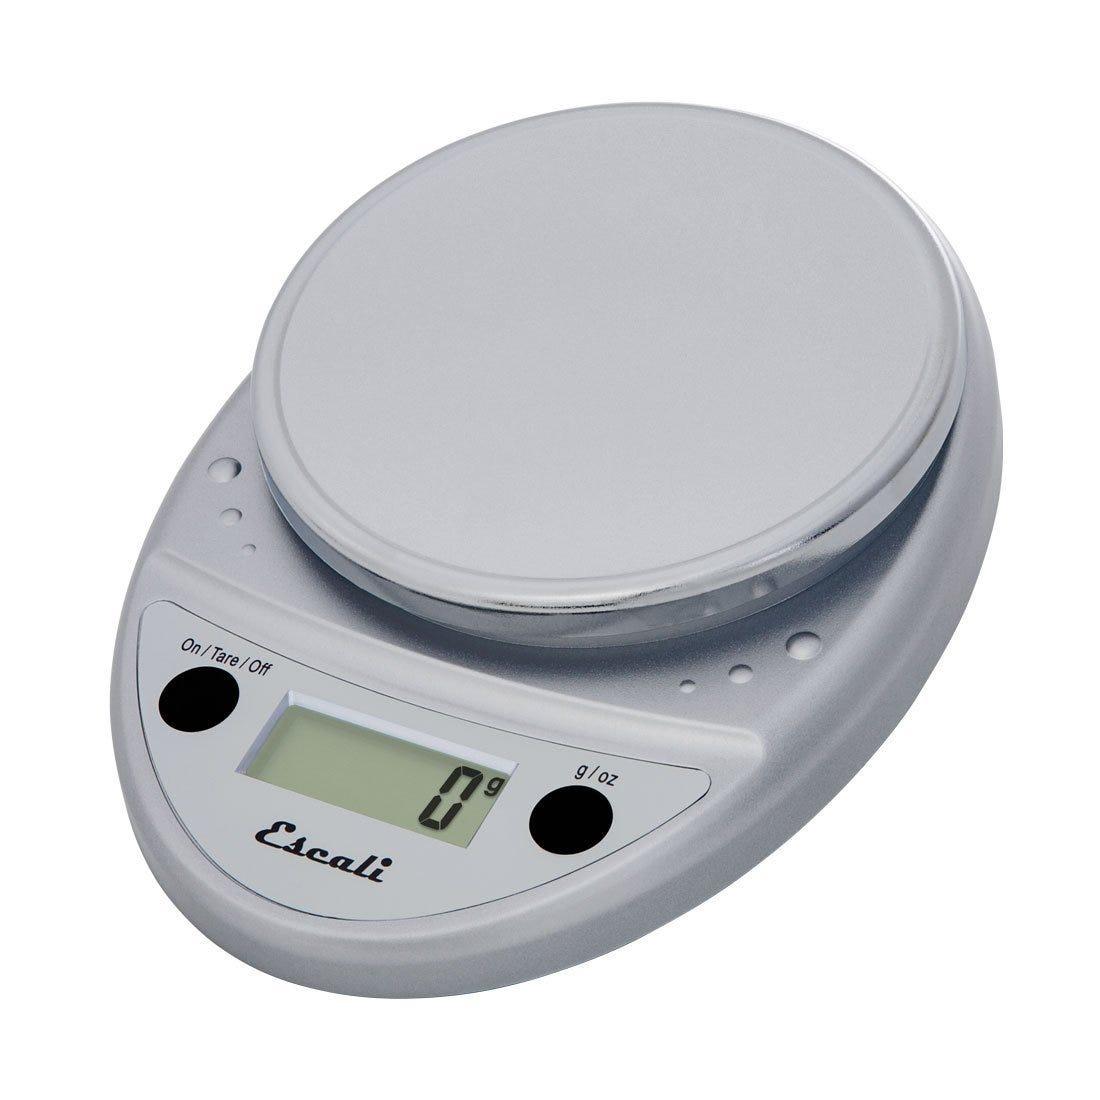 escali, primo, kitchen scale, digital, food scale,